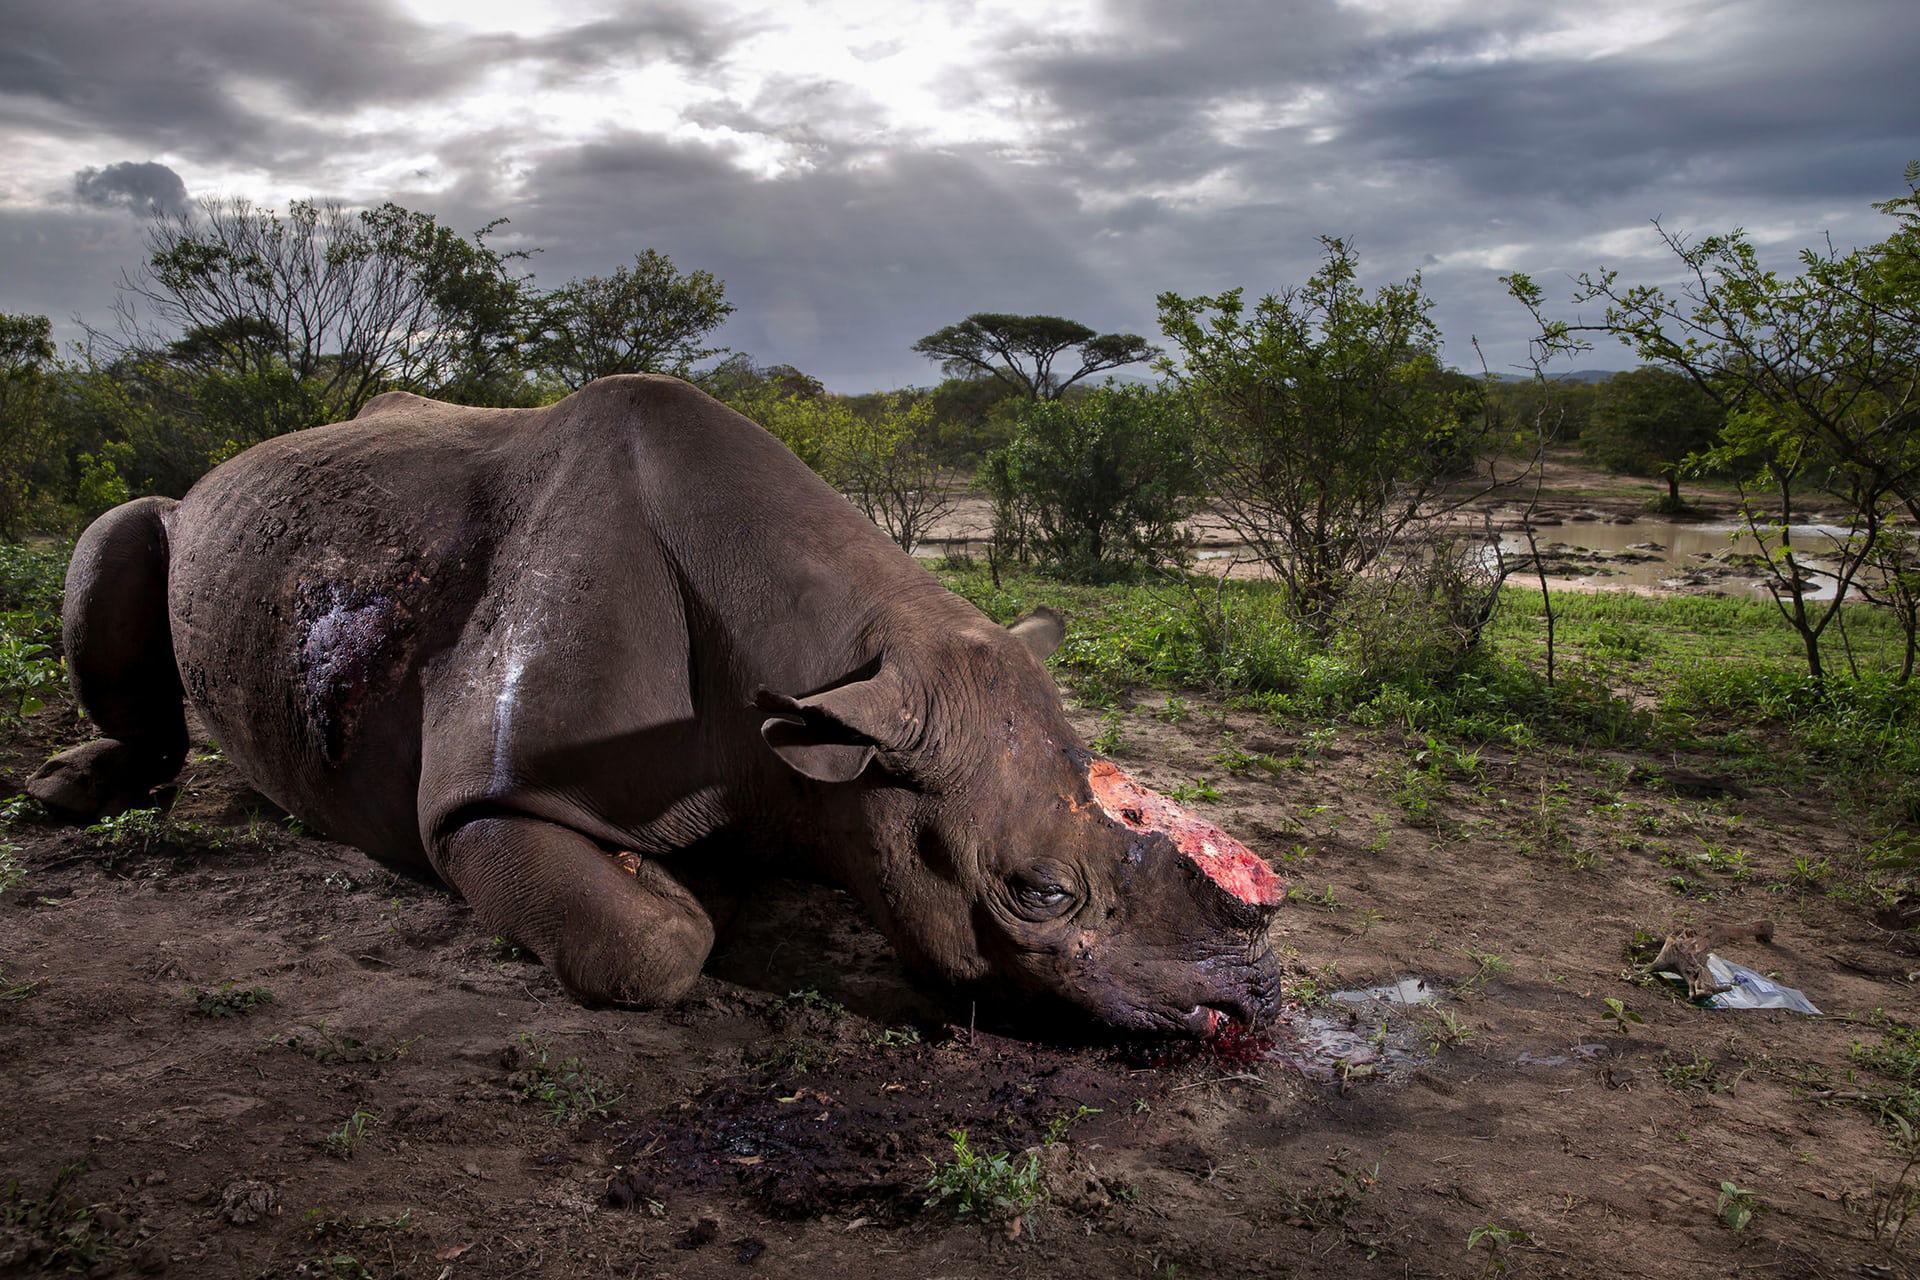 """Ganador: 'Memorial to a Species', de Brent Stirton, Sudáfrica. Categoría: """"Historia"""""""